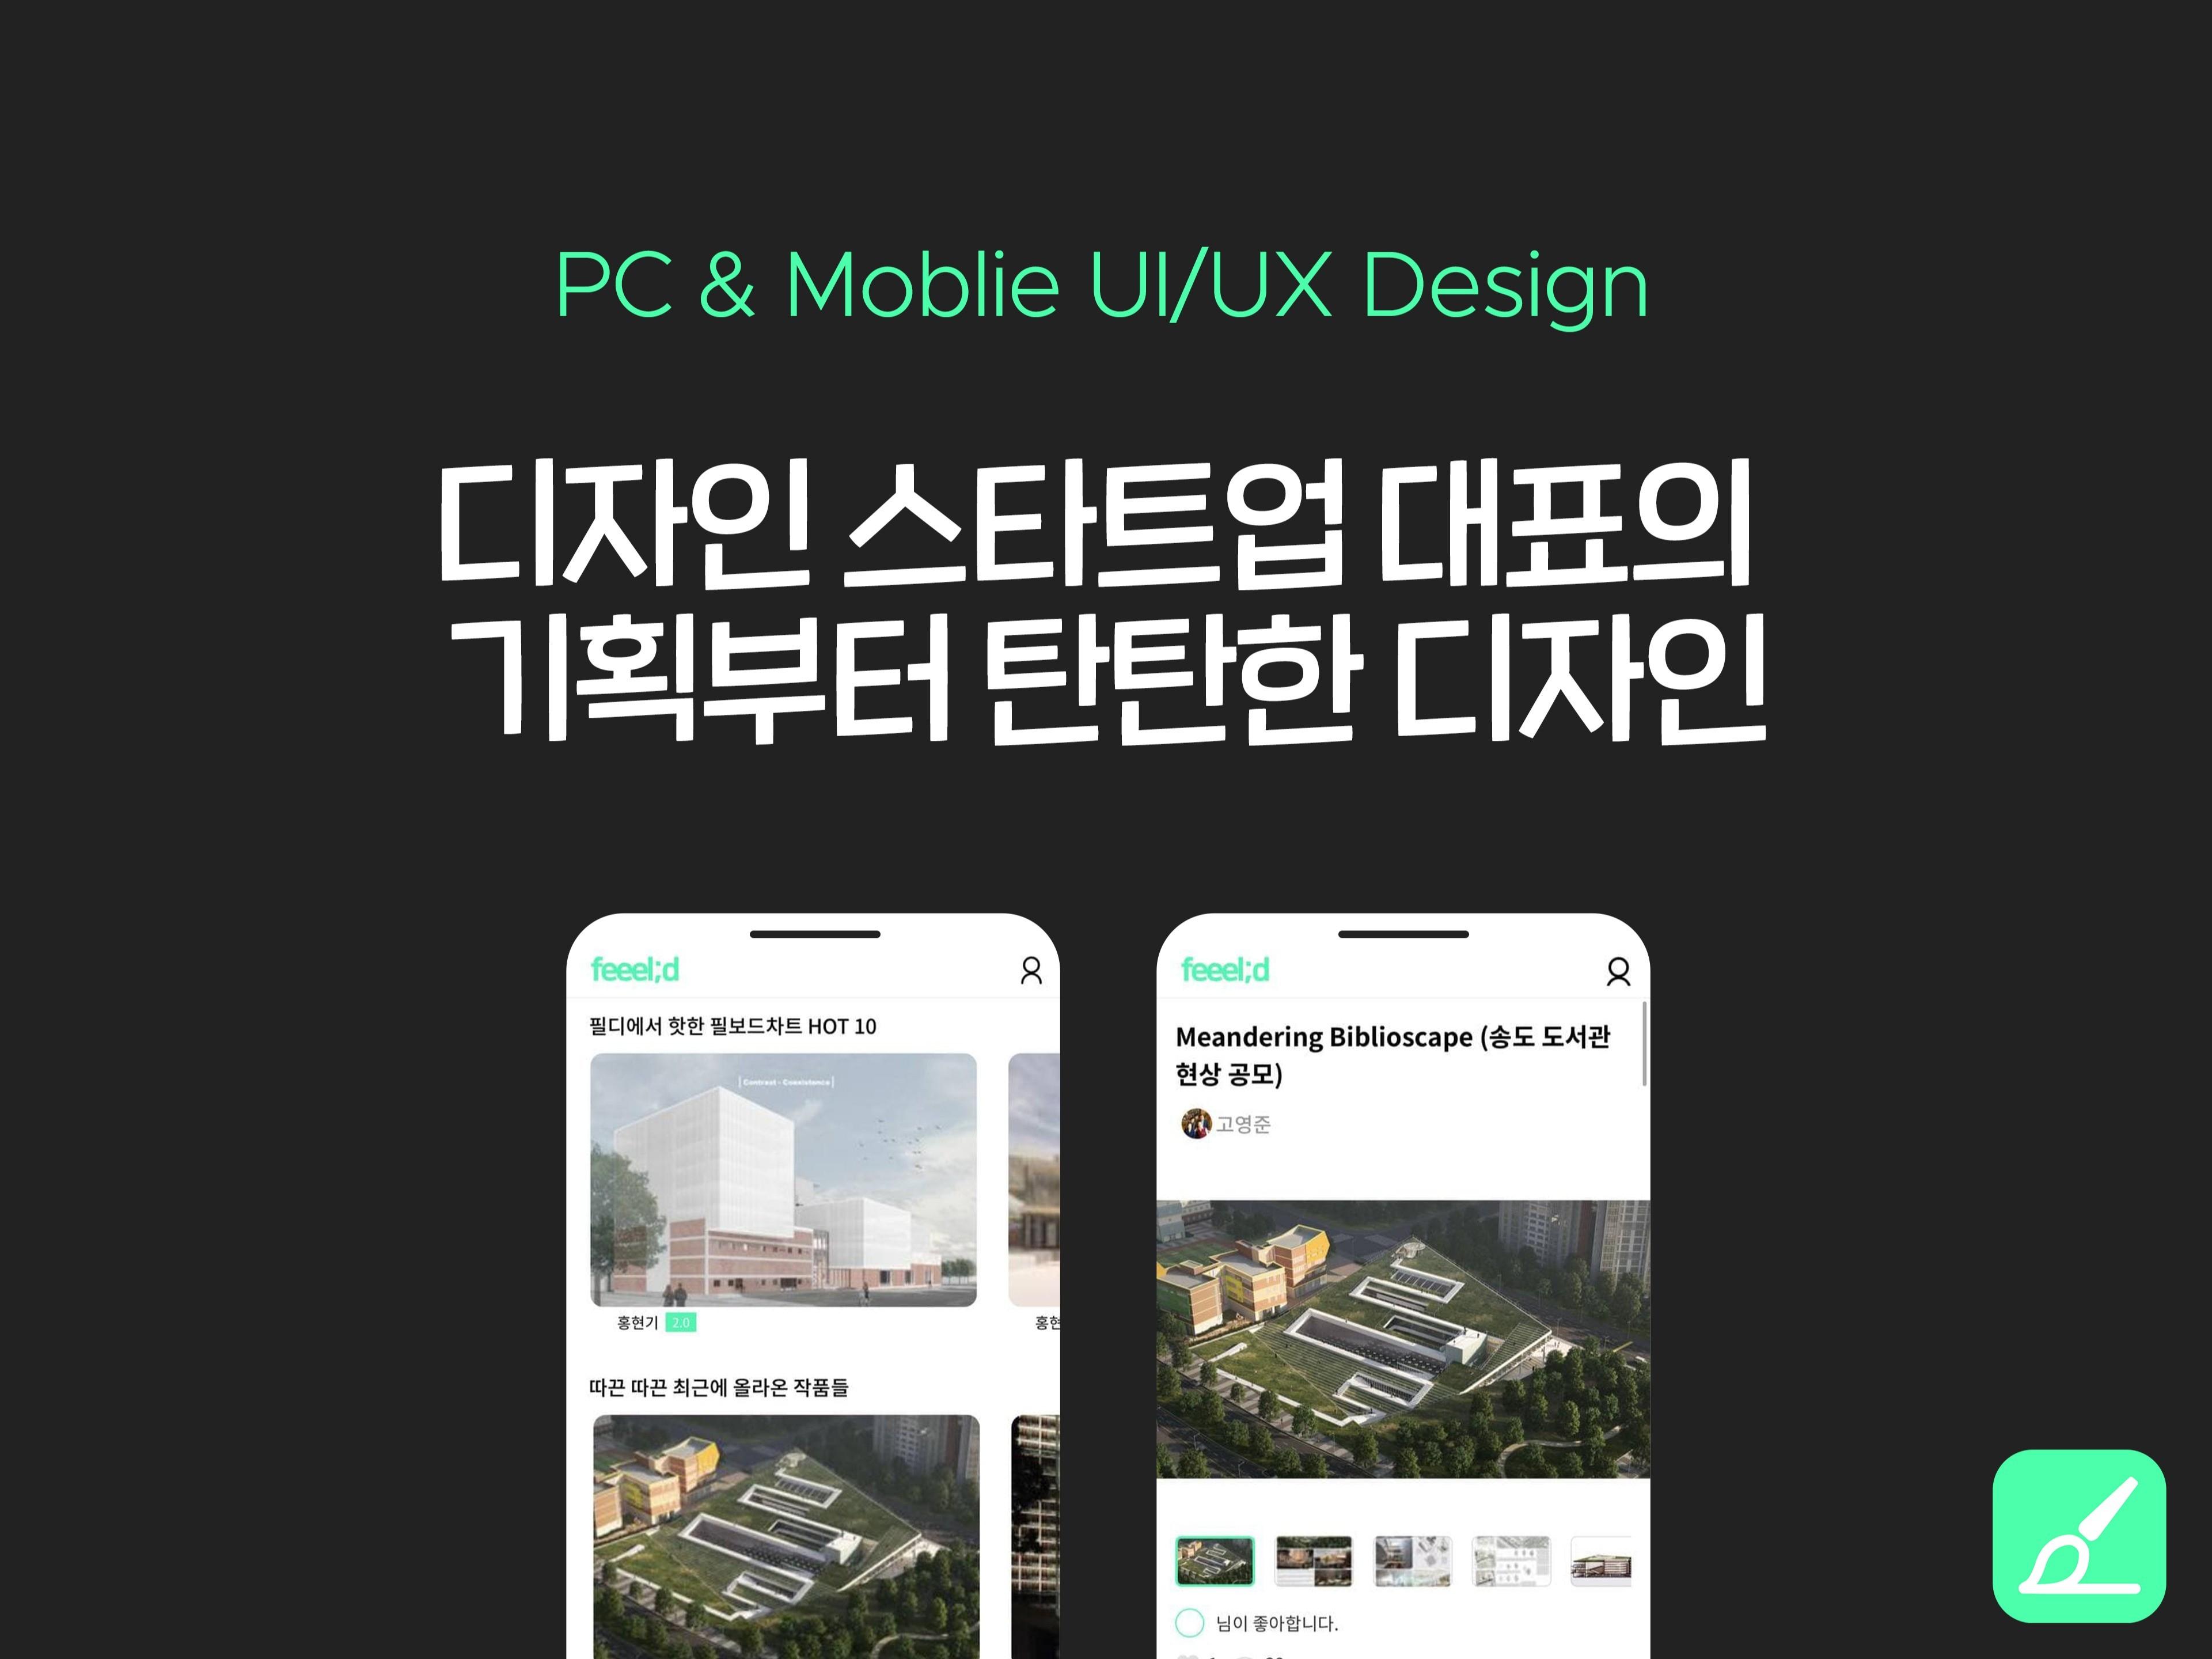 디자인 스타트업 대표의 탄탄한 UIUX 디자인을 제공해 드립니다.